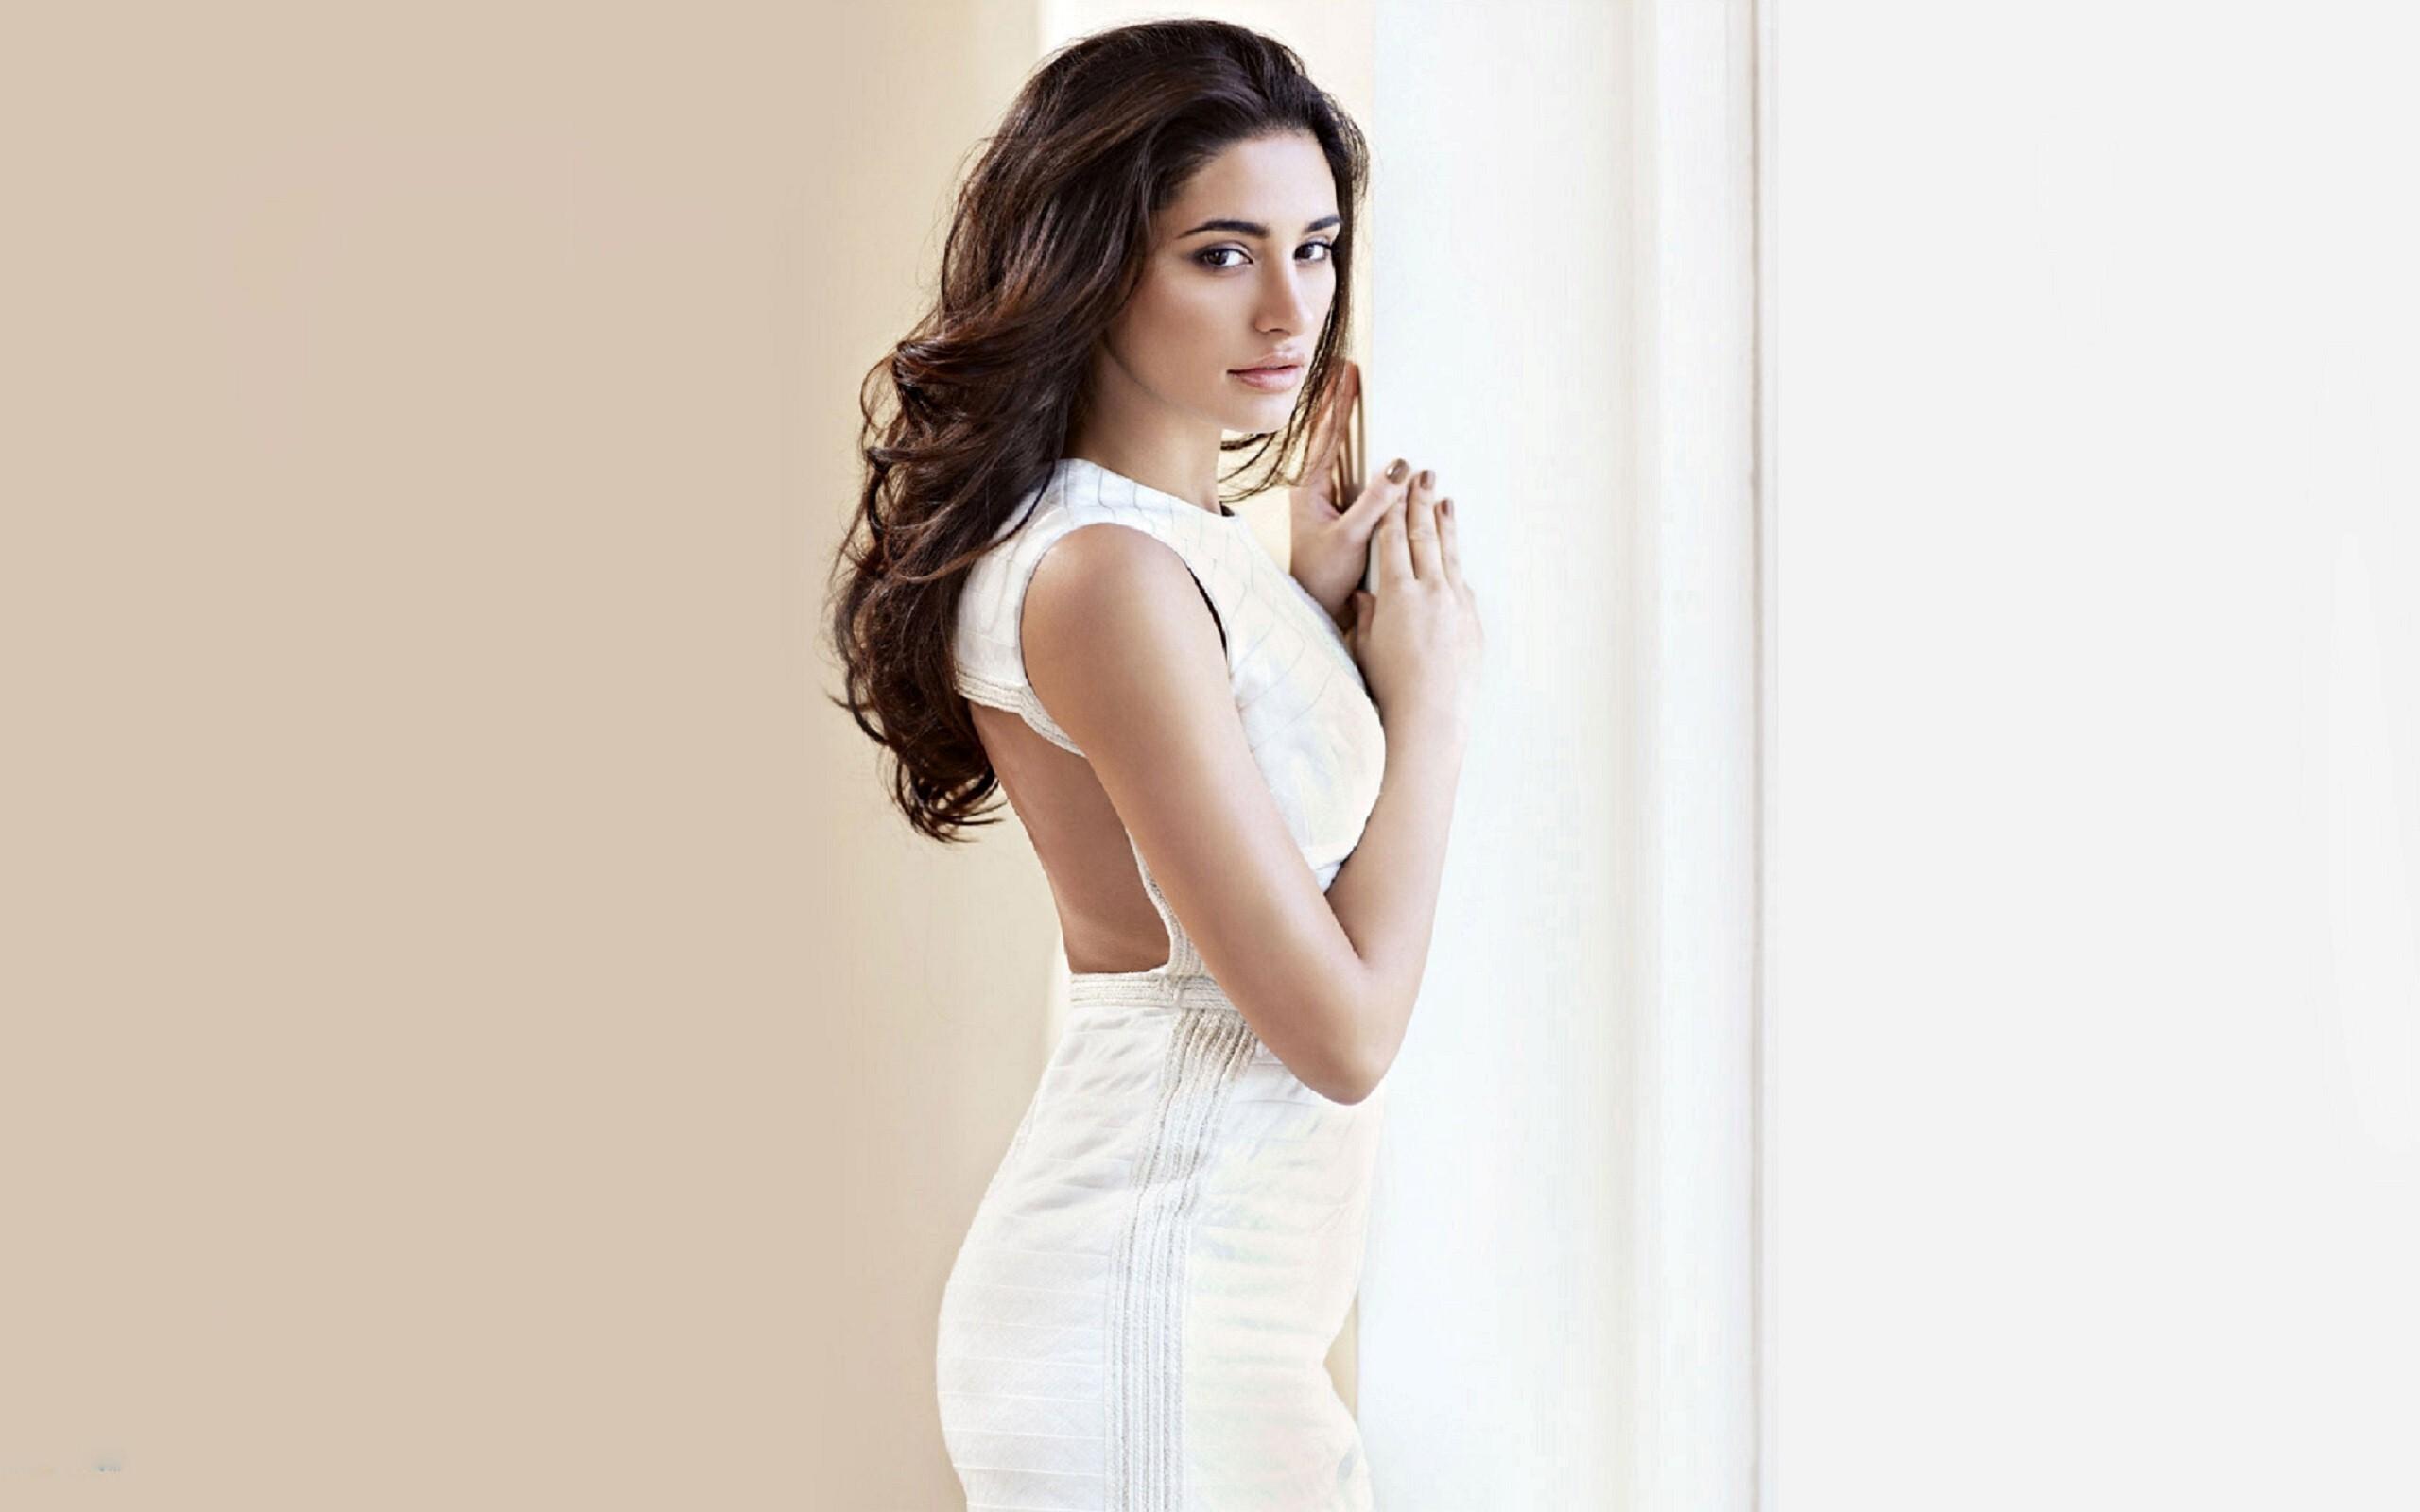 Celebrities Hd Wallpaper Download Nargis Fakhri Hd: American Model Nargis Fakhri Wallpaper